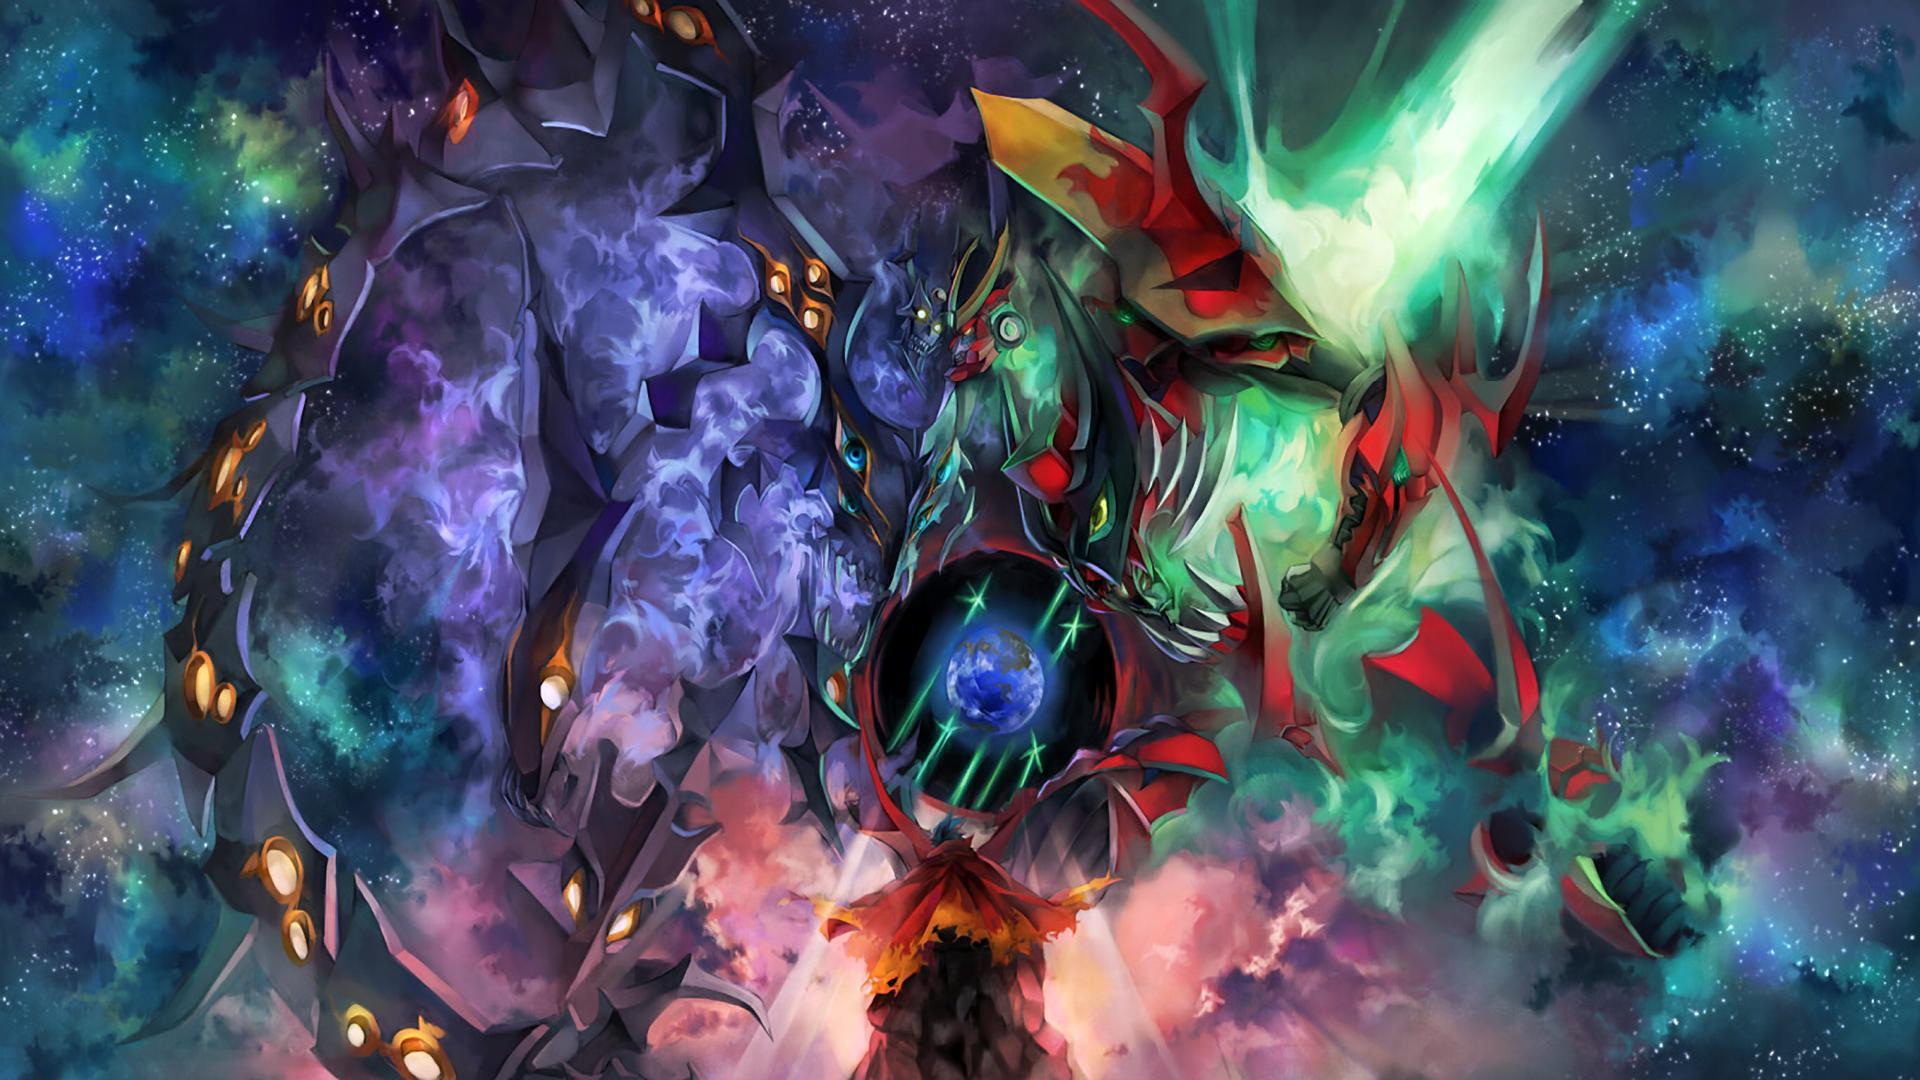 Tengen Toppa Gurren Lagann HD Wallpaper Background Image 1920x1080